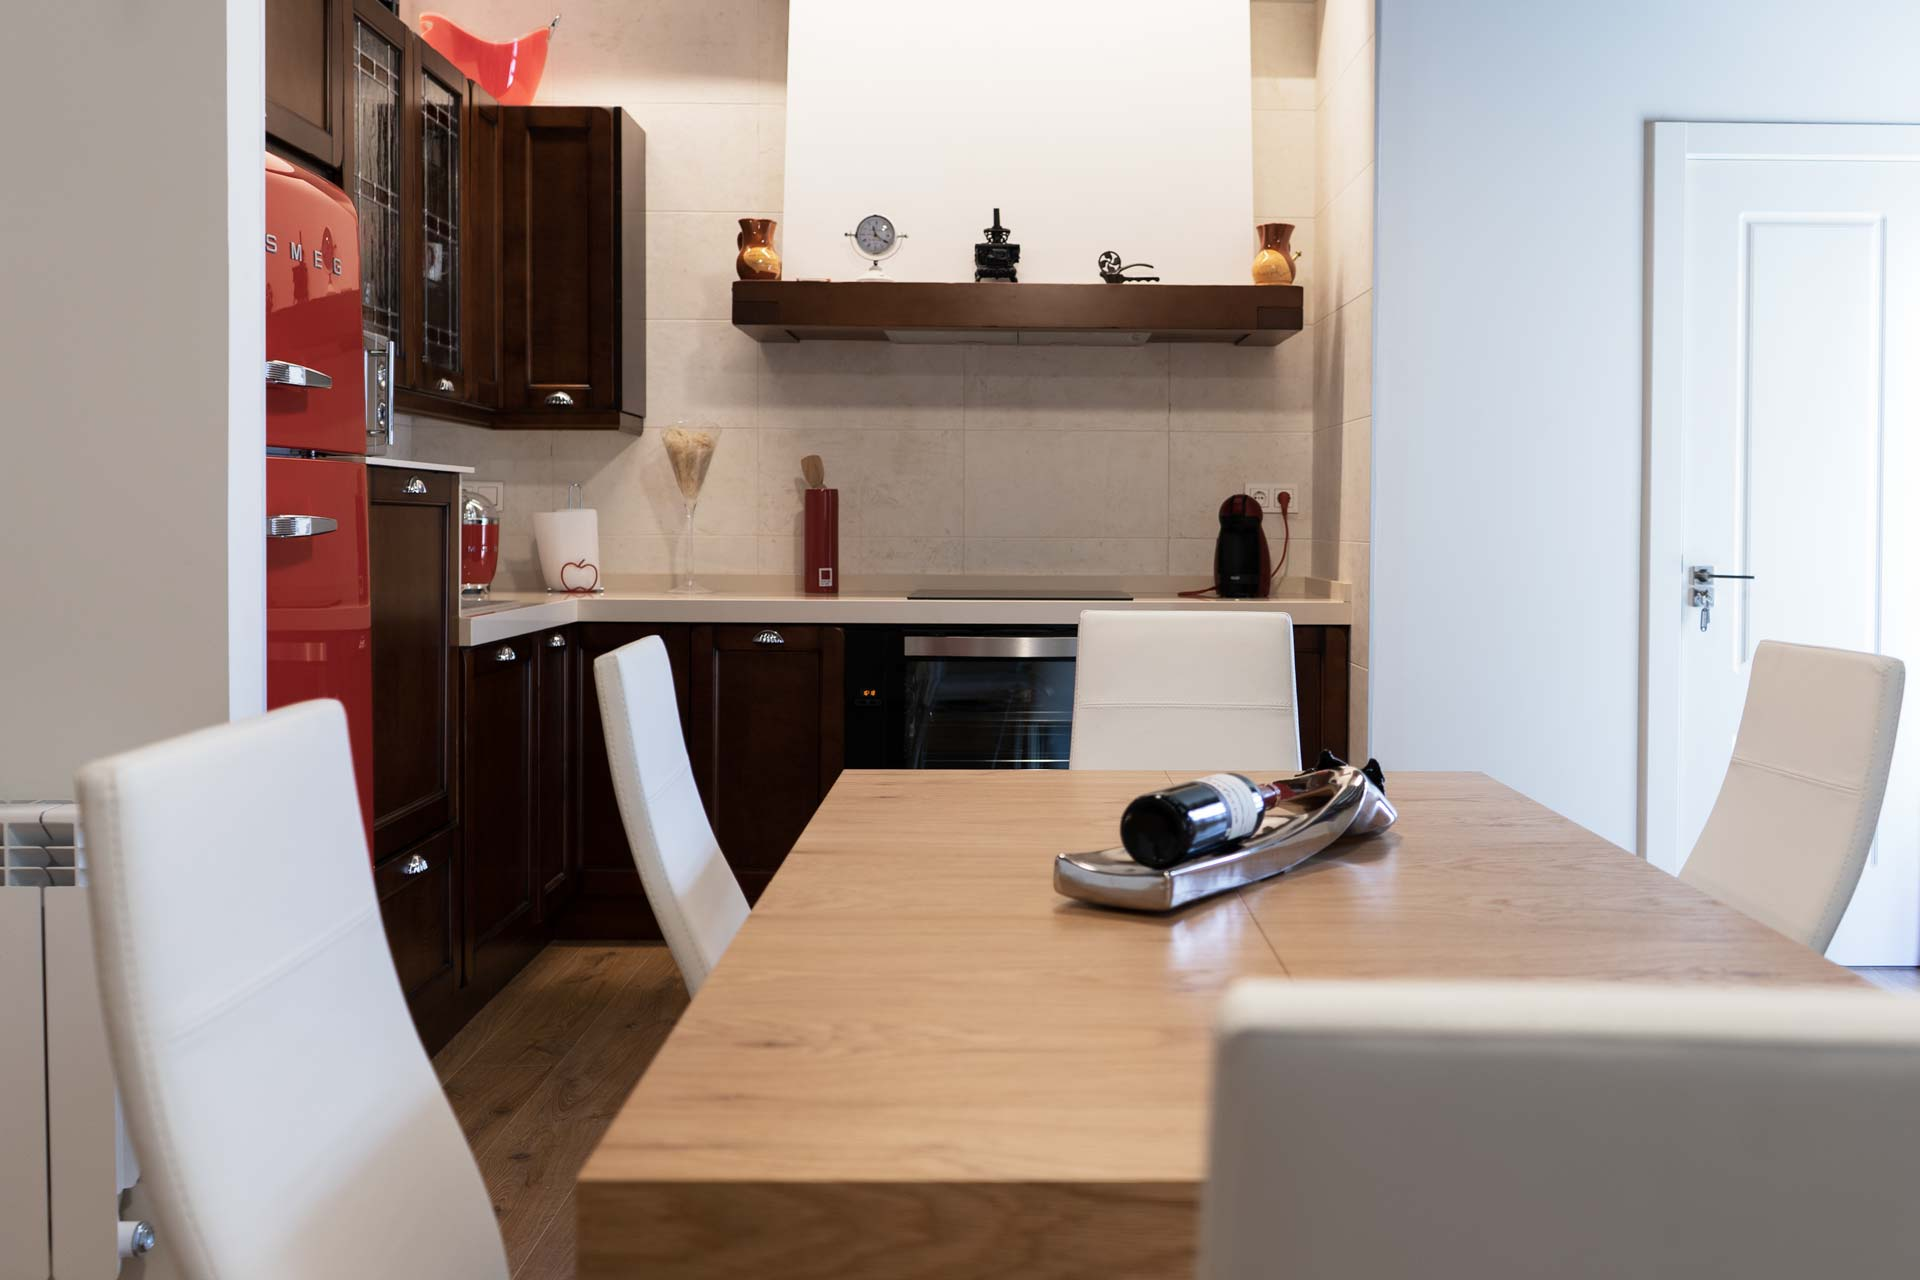 Espacios comunes de la casa rural. Vista de la mesa del salón comedor y la cocina.